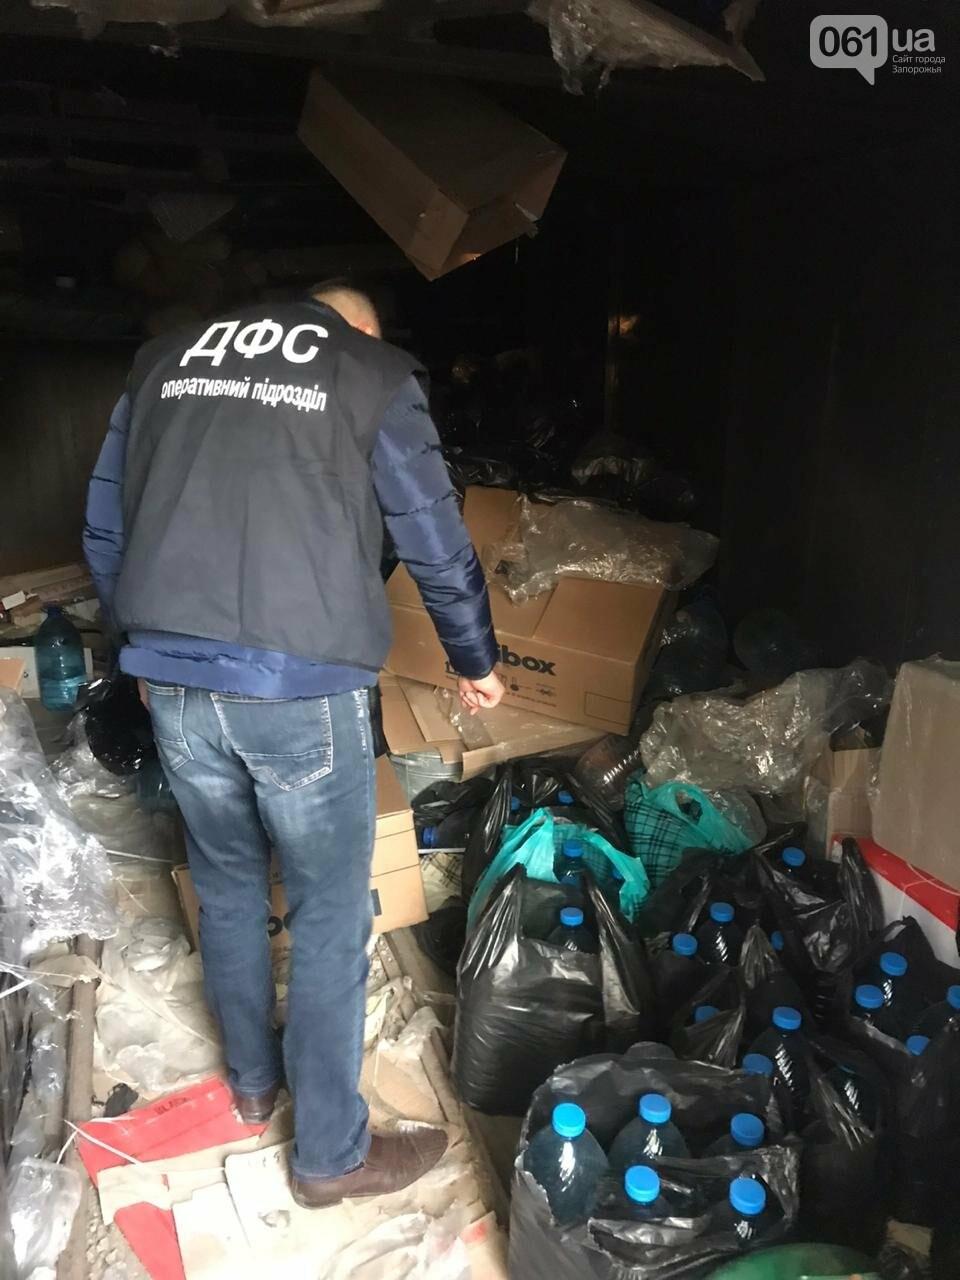 В Запорожской области обнаружили 2,5 тонны фальсифицированного алкоголя, фото-7